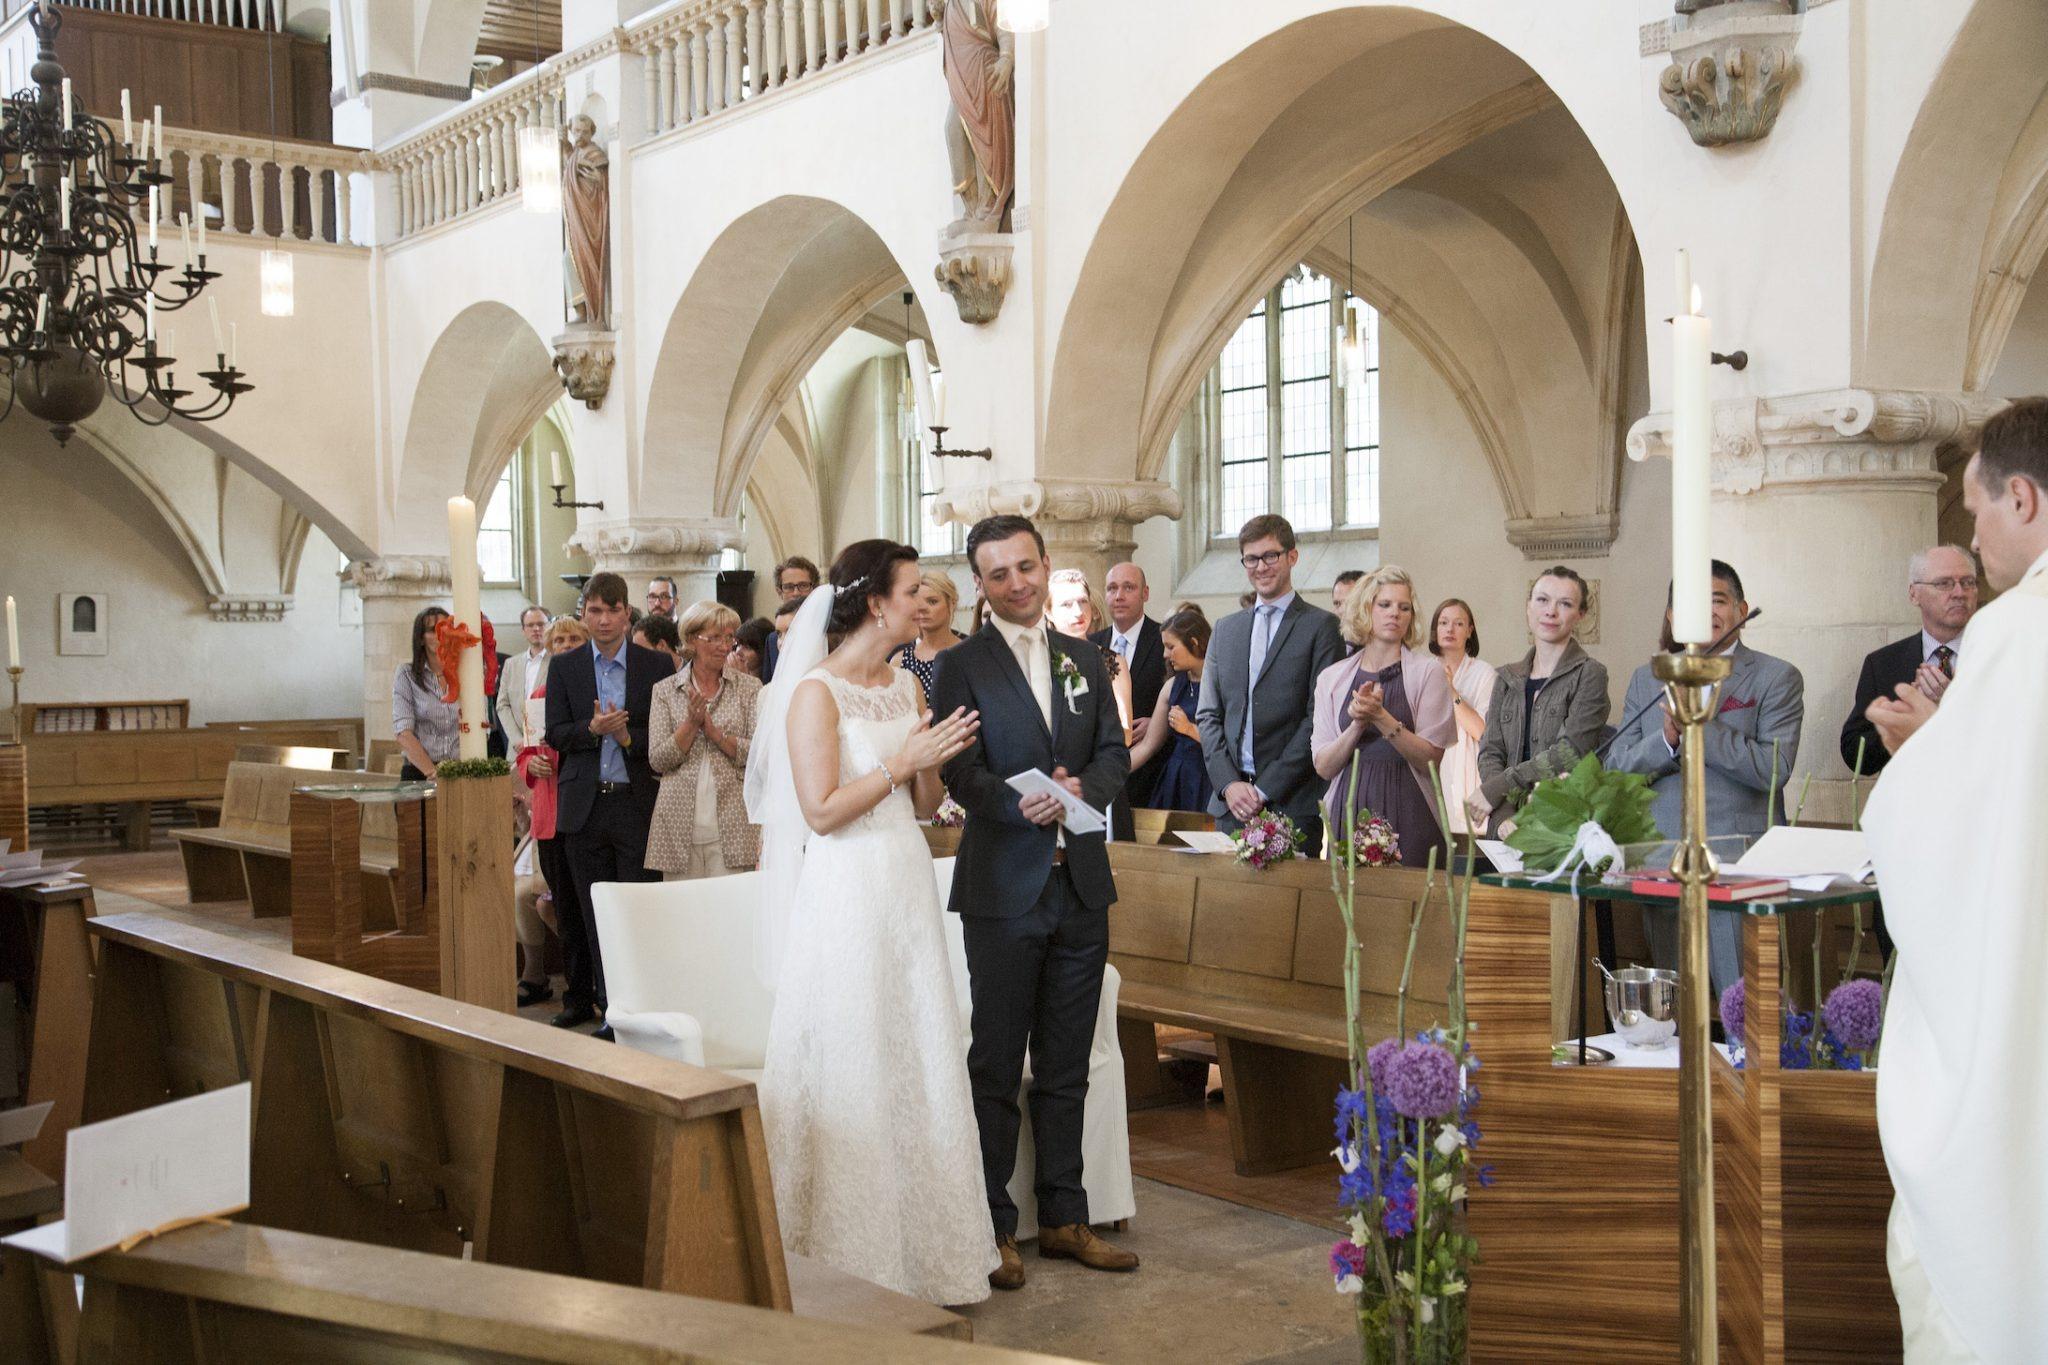 Hochzeit von Laura und Jan in Münster: Brautpaar klatscht in der Kirche